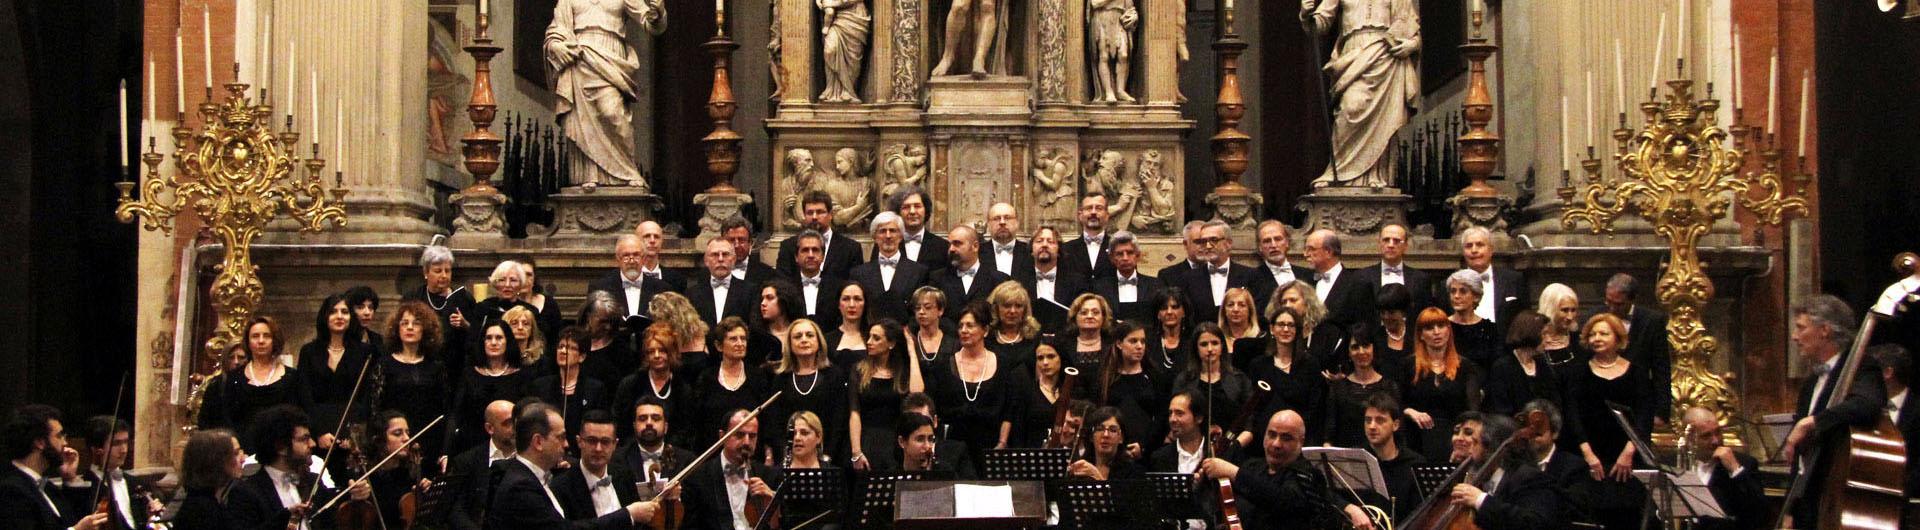 Coro e strumenti della Cappella - cut